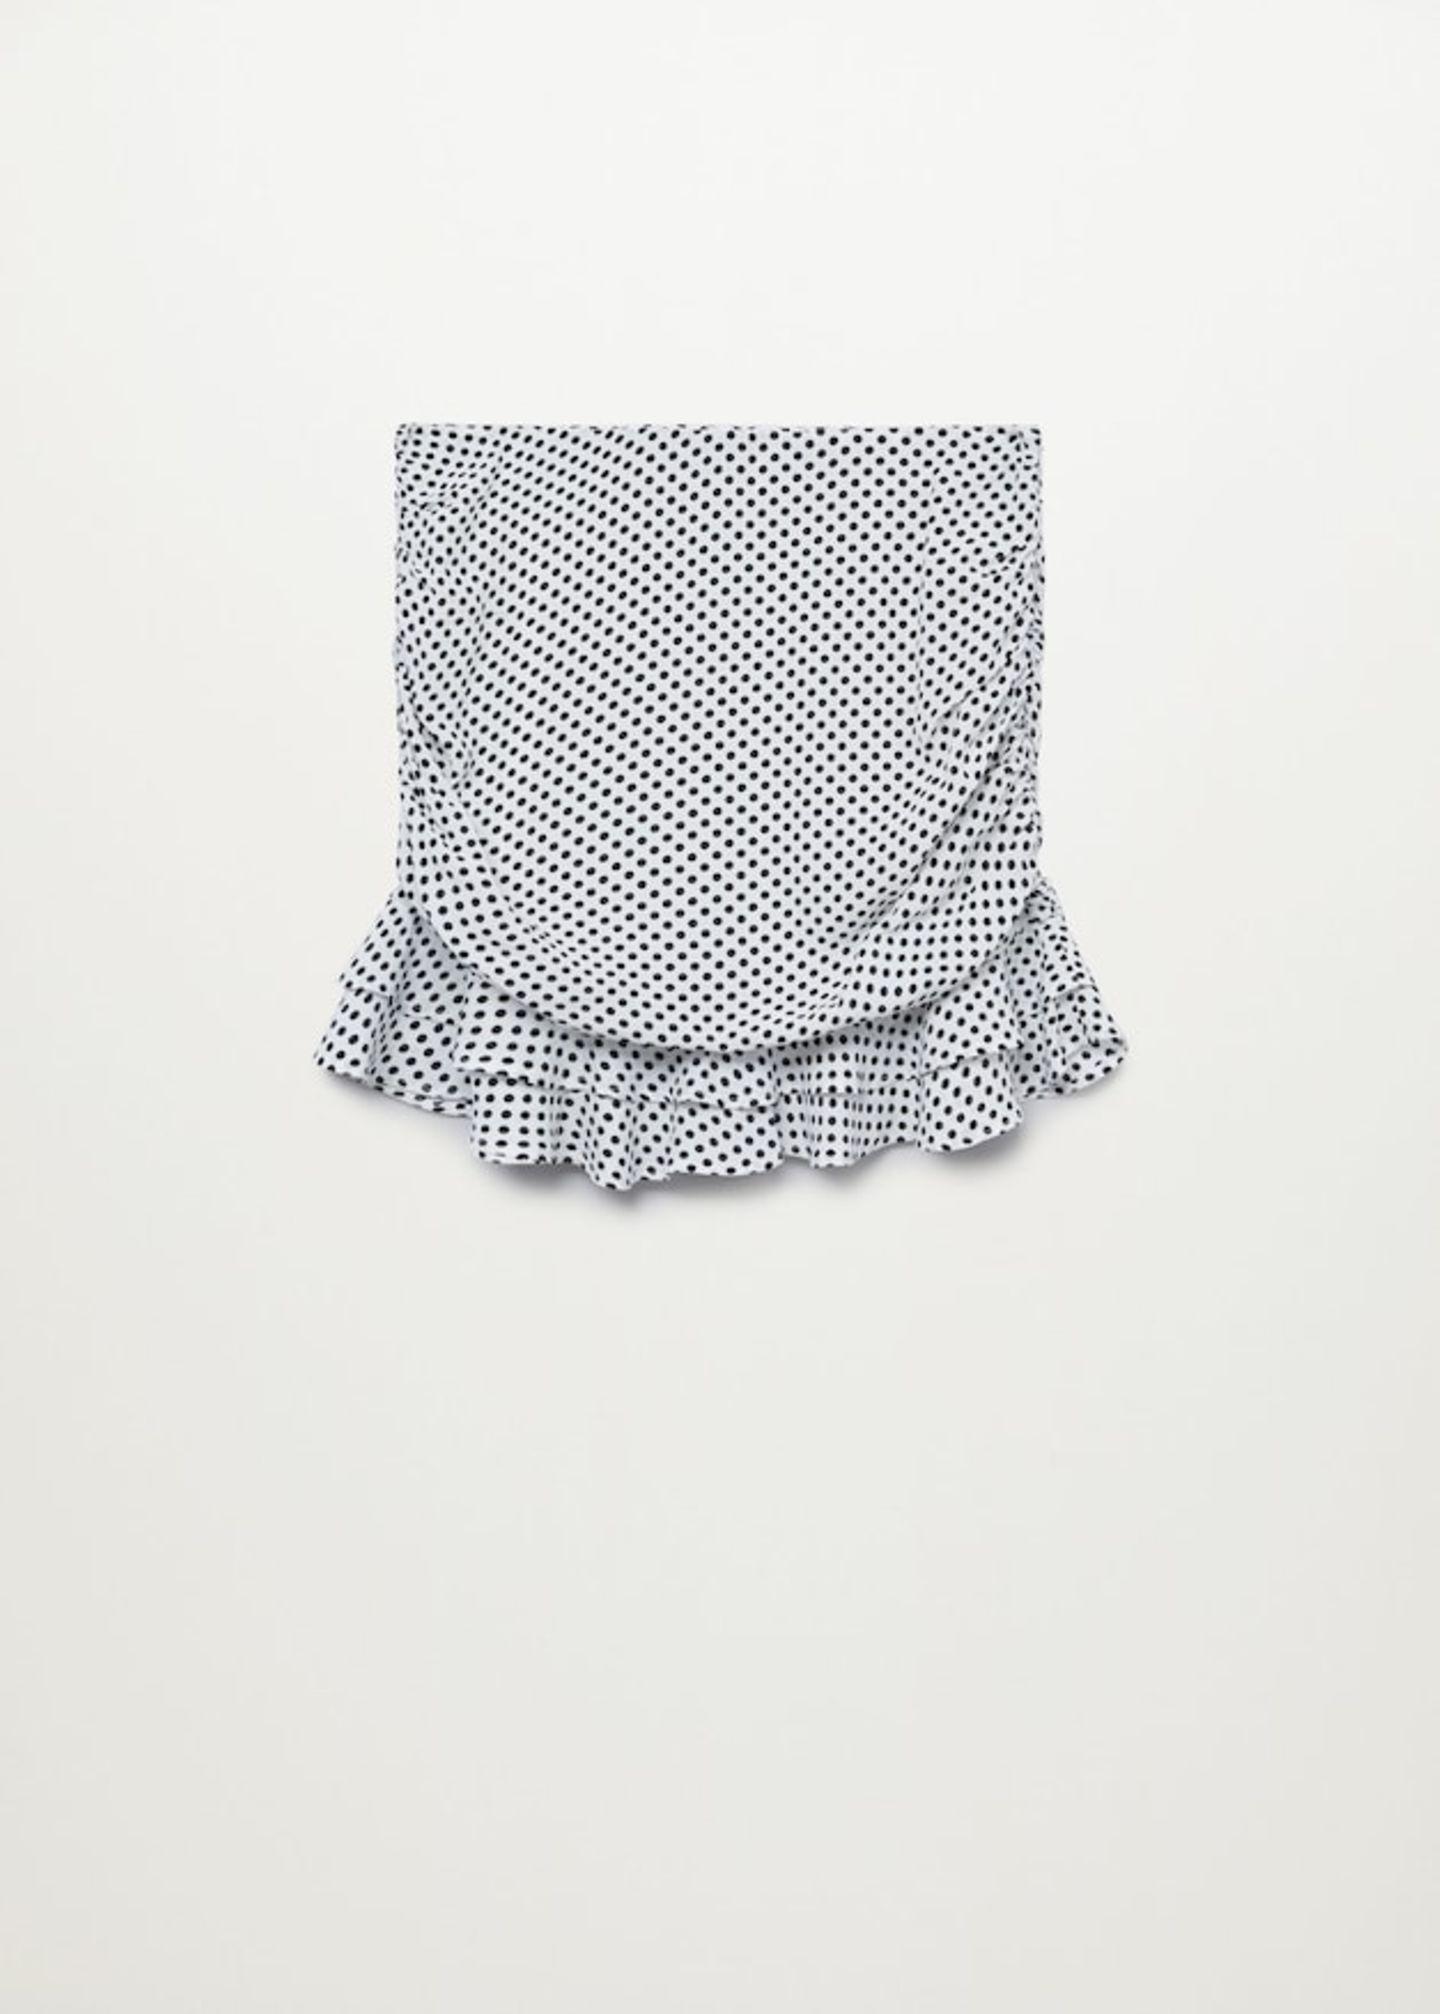 Es muss nicht immer cool und sporty sein. Dieser Rock mit süßen Pünktchenmuster und Rüschensaum kommt mit einer weißen Oversize-Bluse im Frühling und Sommer richtig groß raus. Von Violeta by Mango, um 50 Euro.